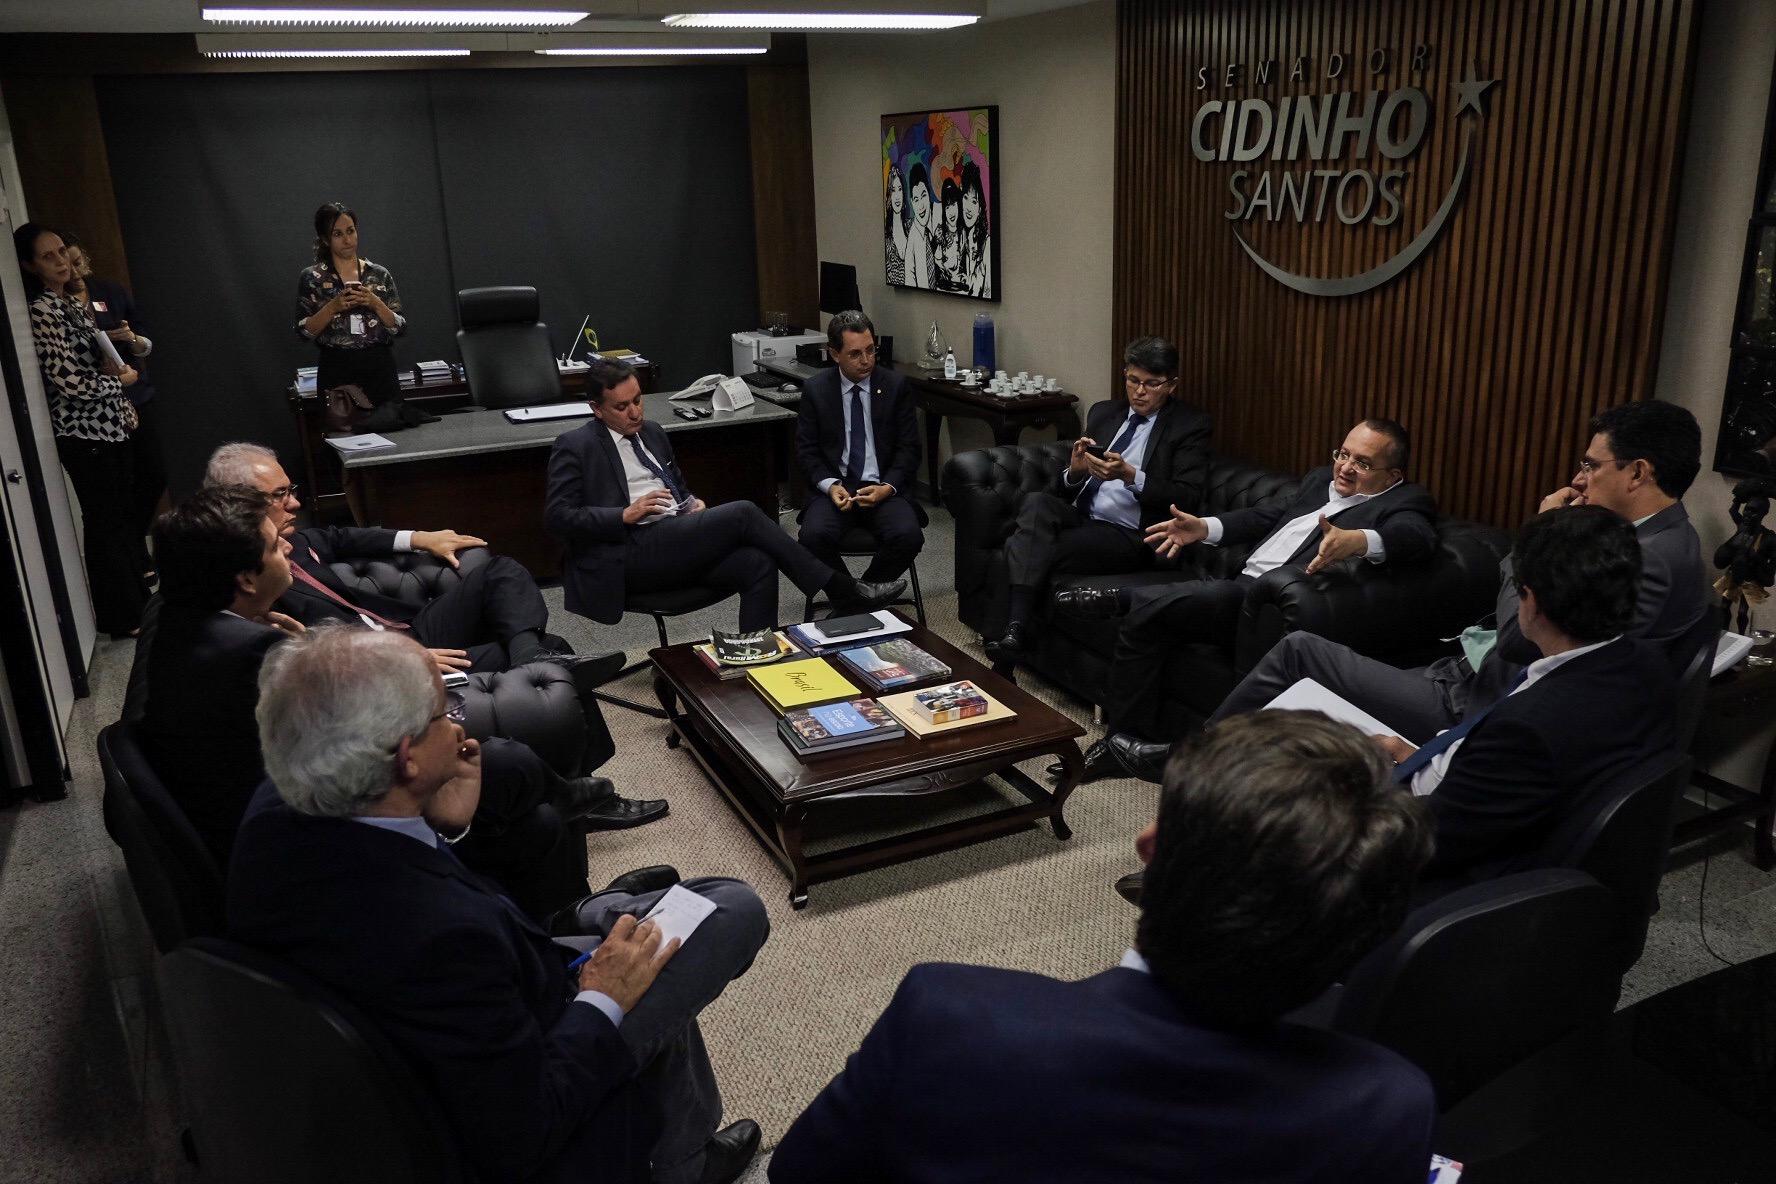 reunião em brasília taques